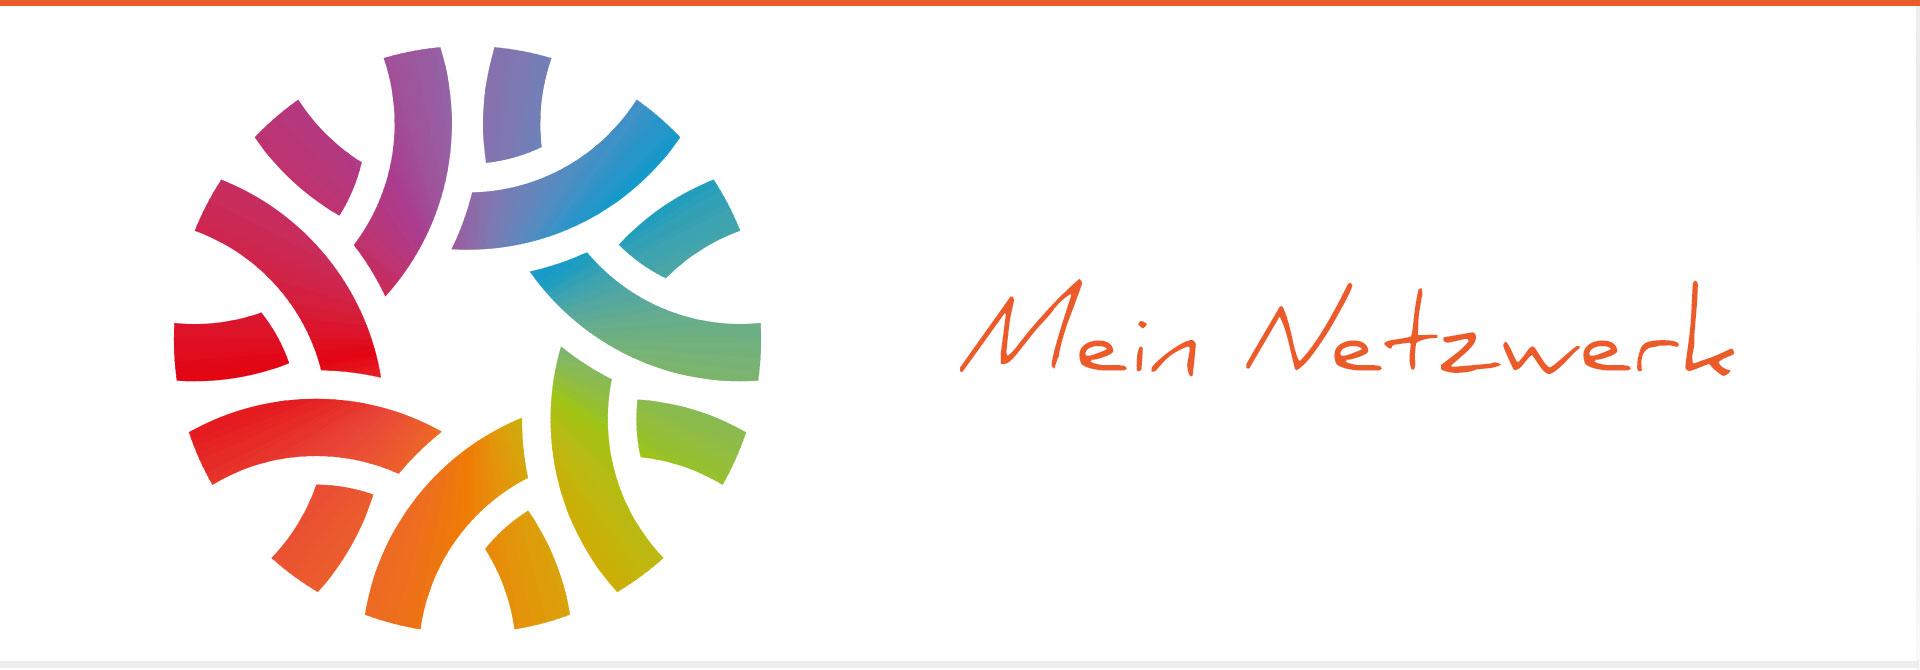 netzwerk - beredenswert: Sexualberatung in Karlsruhe / Frauengruppen zu weiblicher Sexualität / Paarberatung / Einzelberatung / Lebensberatung